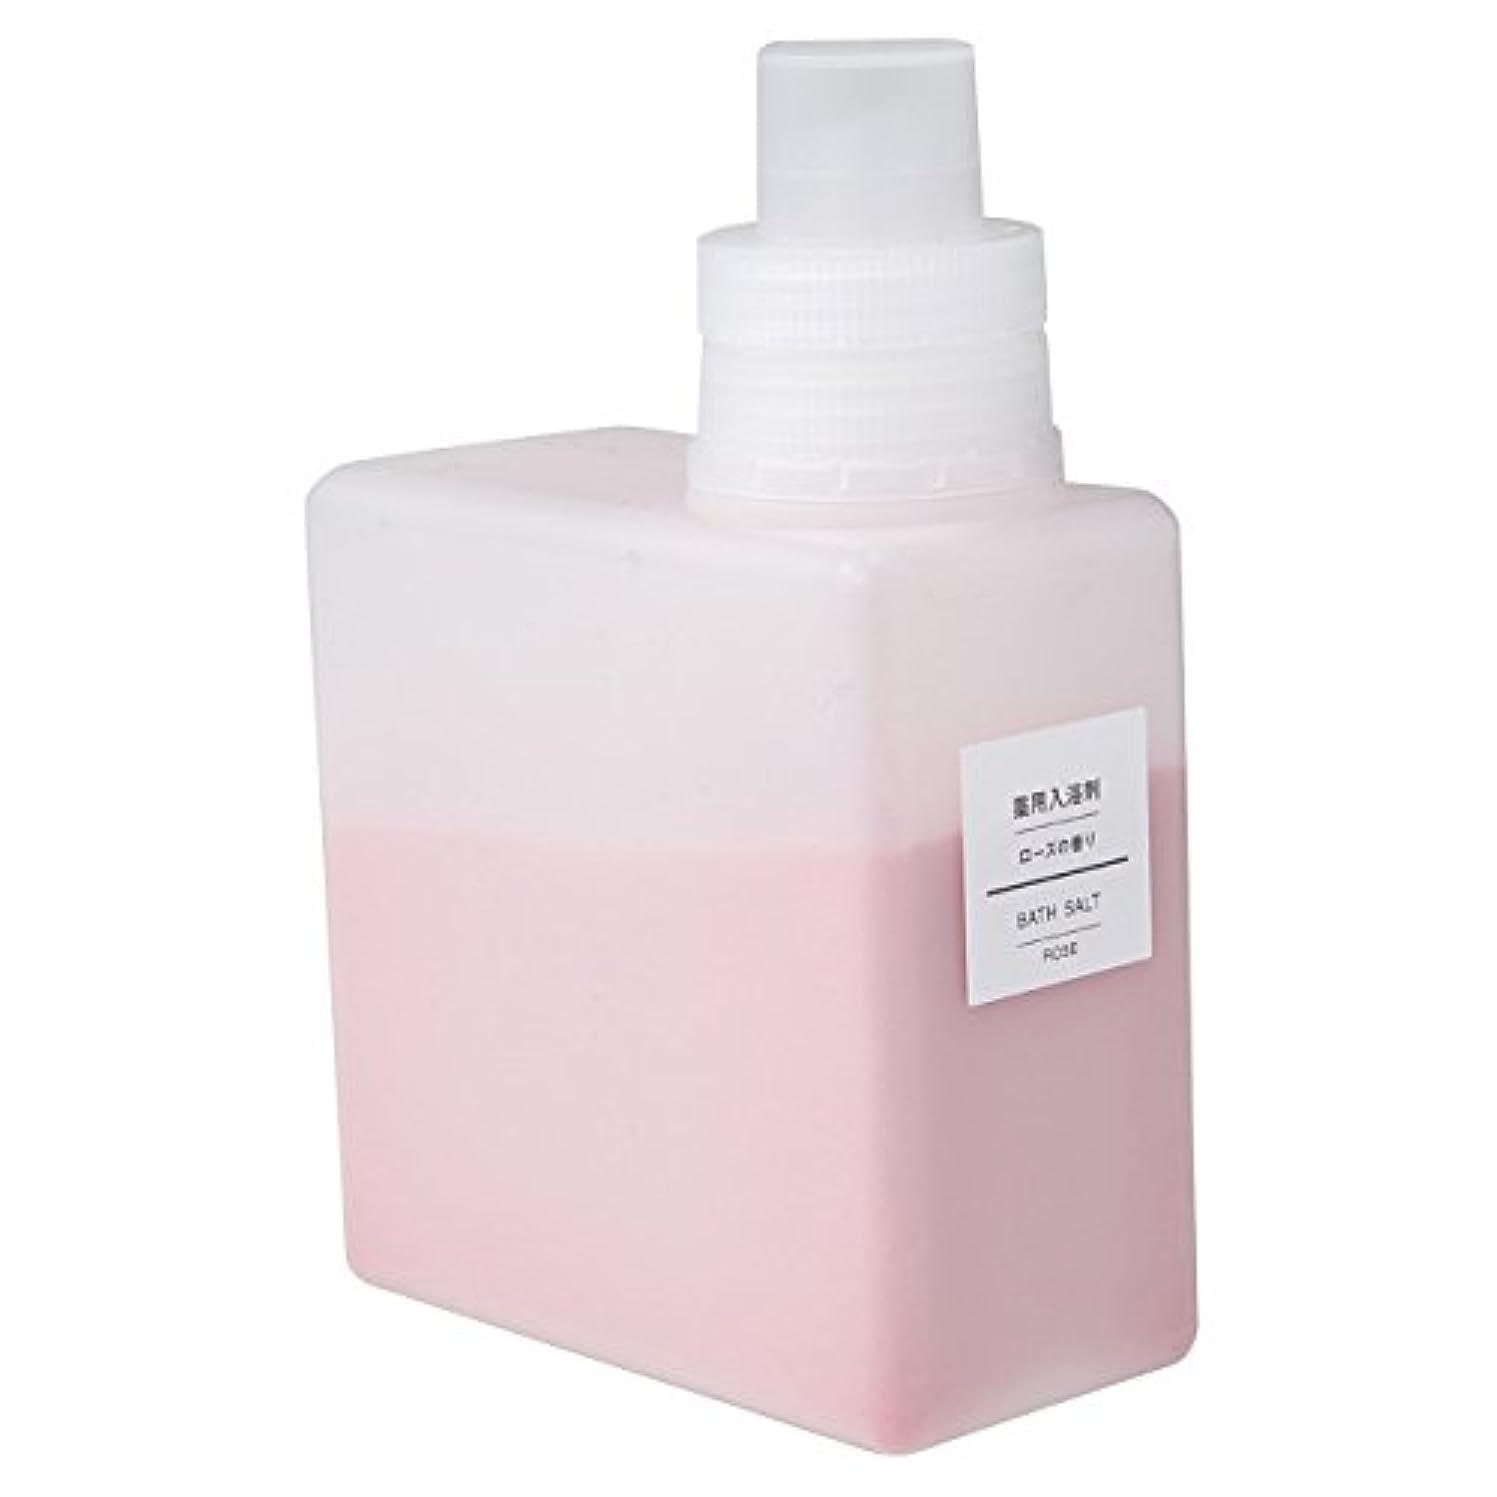 判読できない分析するはさみ無印良品 薬用入浴剤?ローズの香り (新)500g 日本製